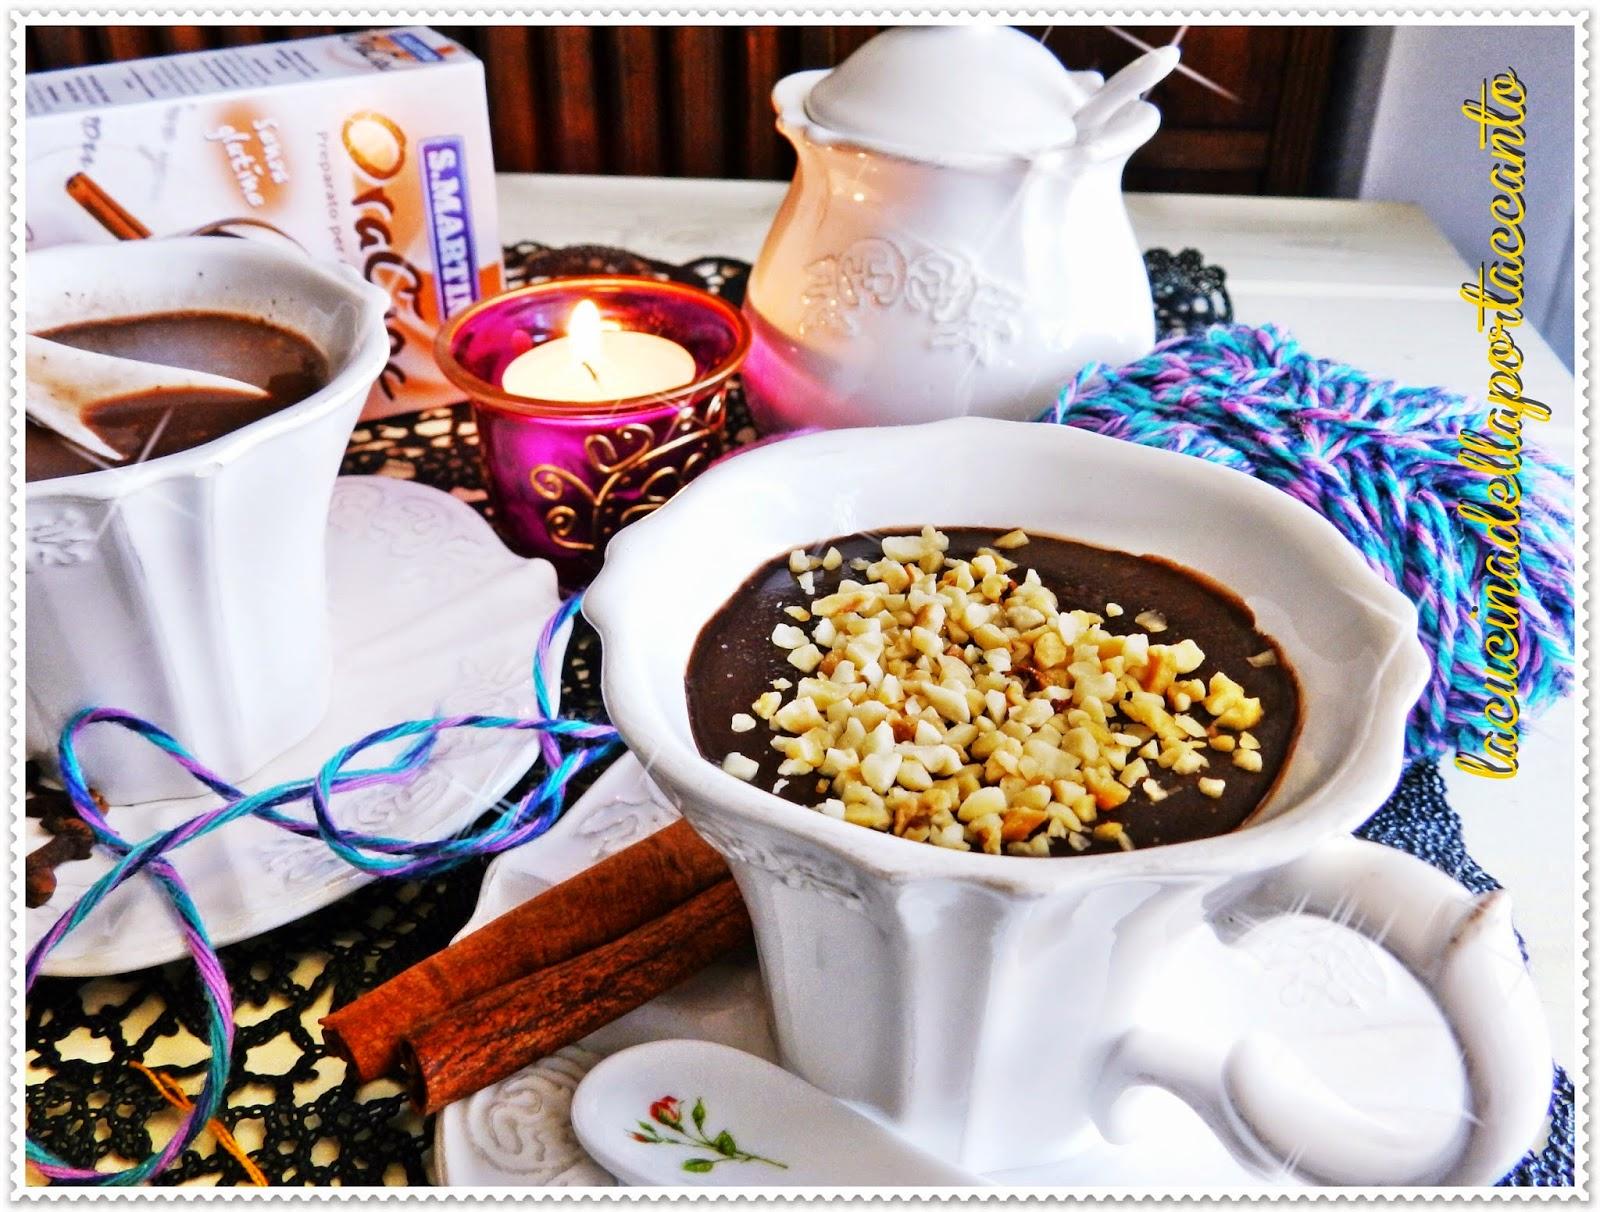 cioccolata alle spezie e nocciole piemontesi